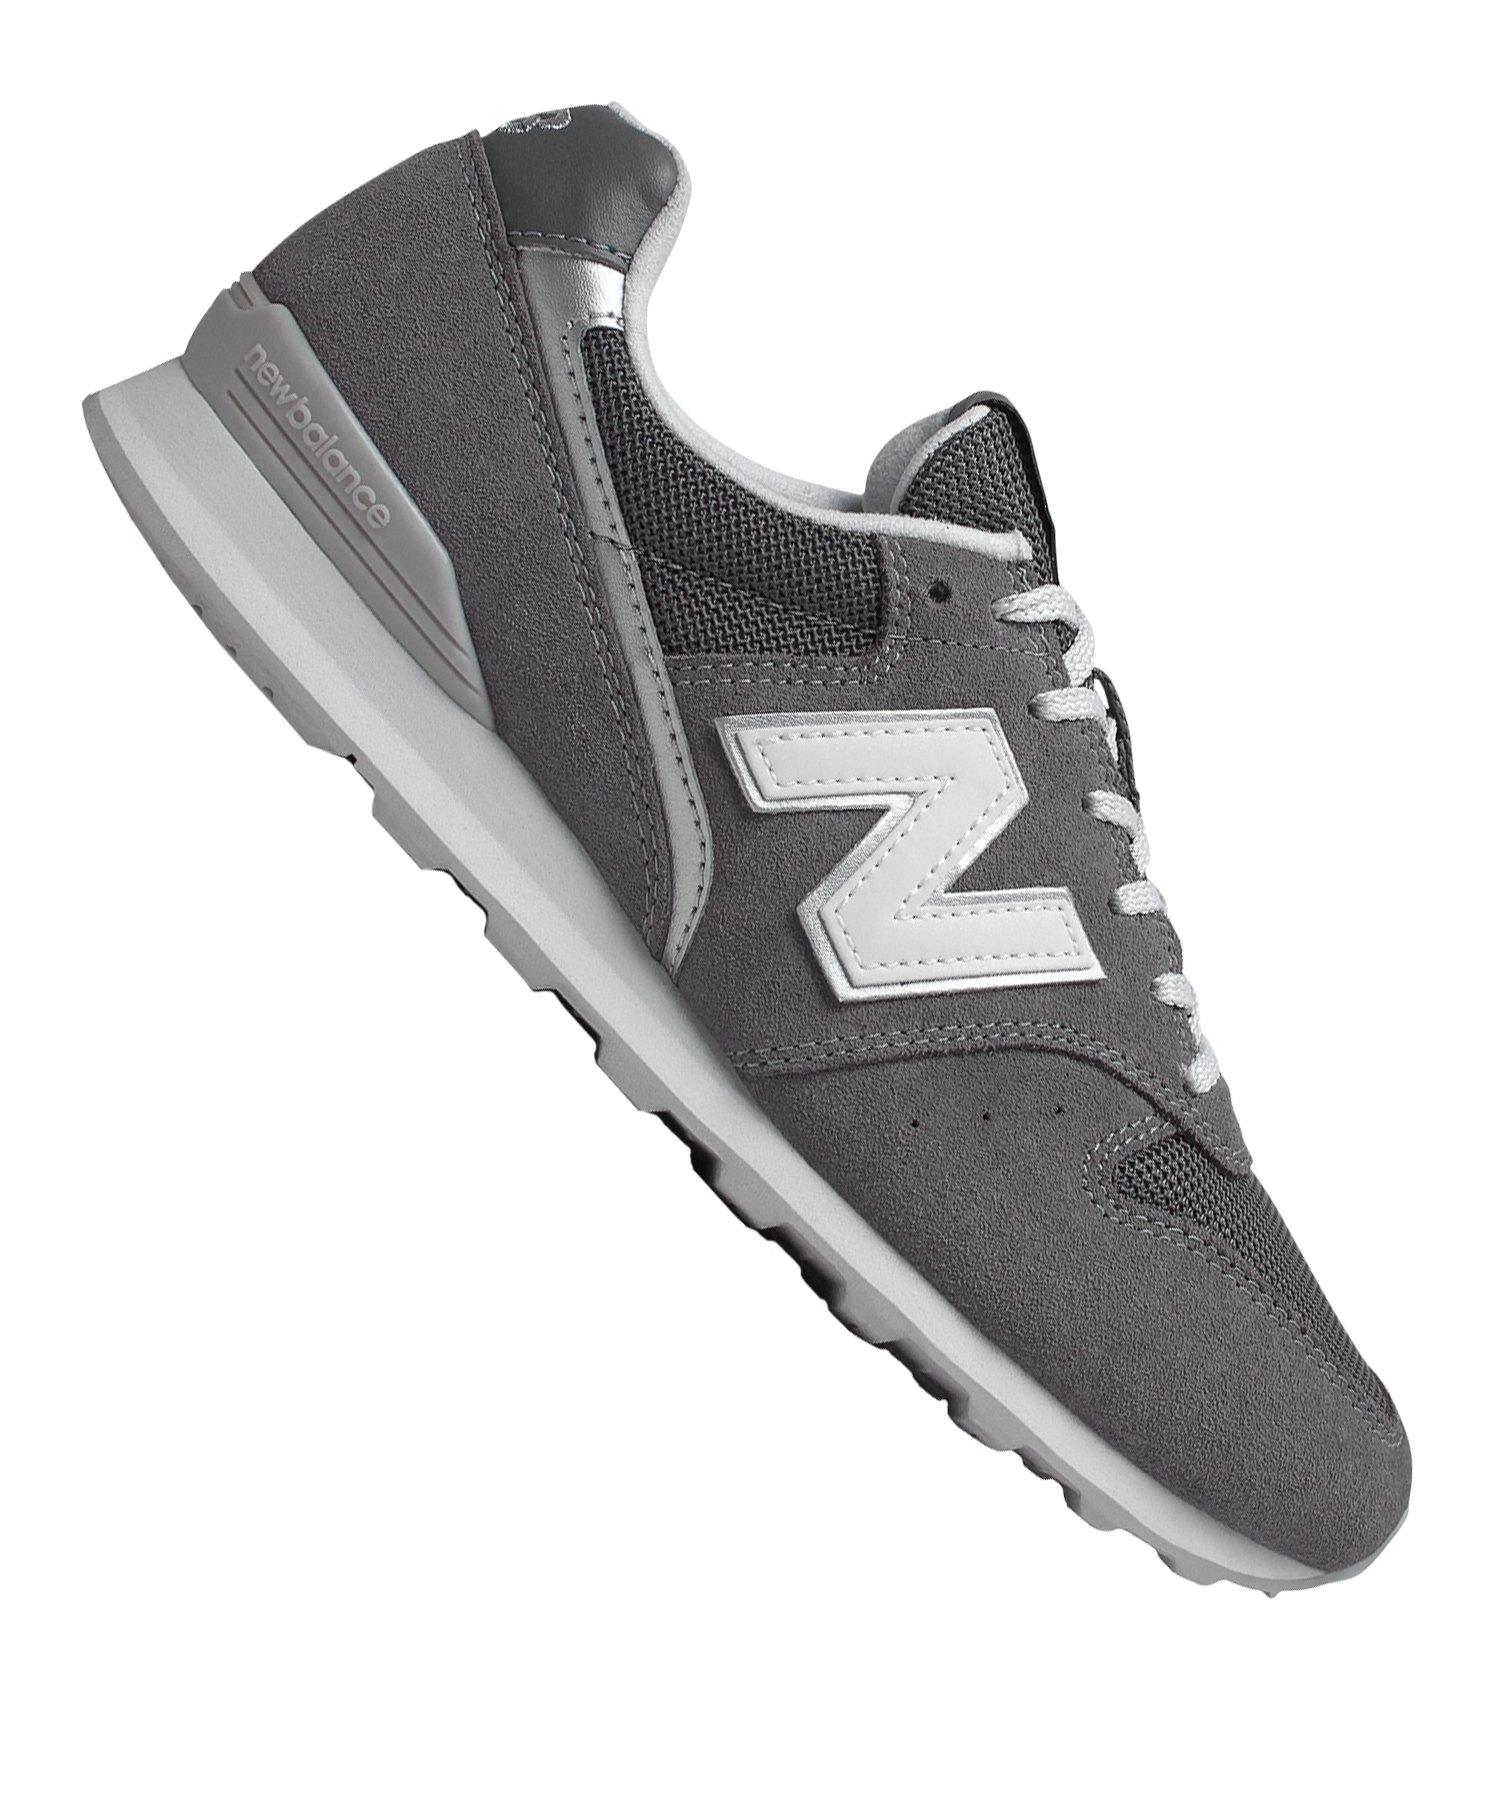 official photos 22136 8acd0 New Balance WL996 B Sneaker Damen Grau F12